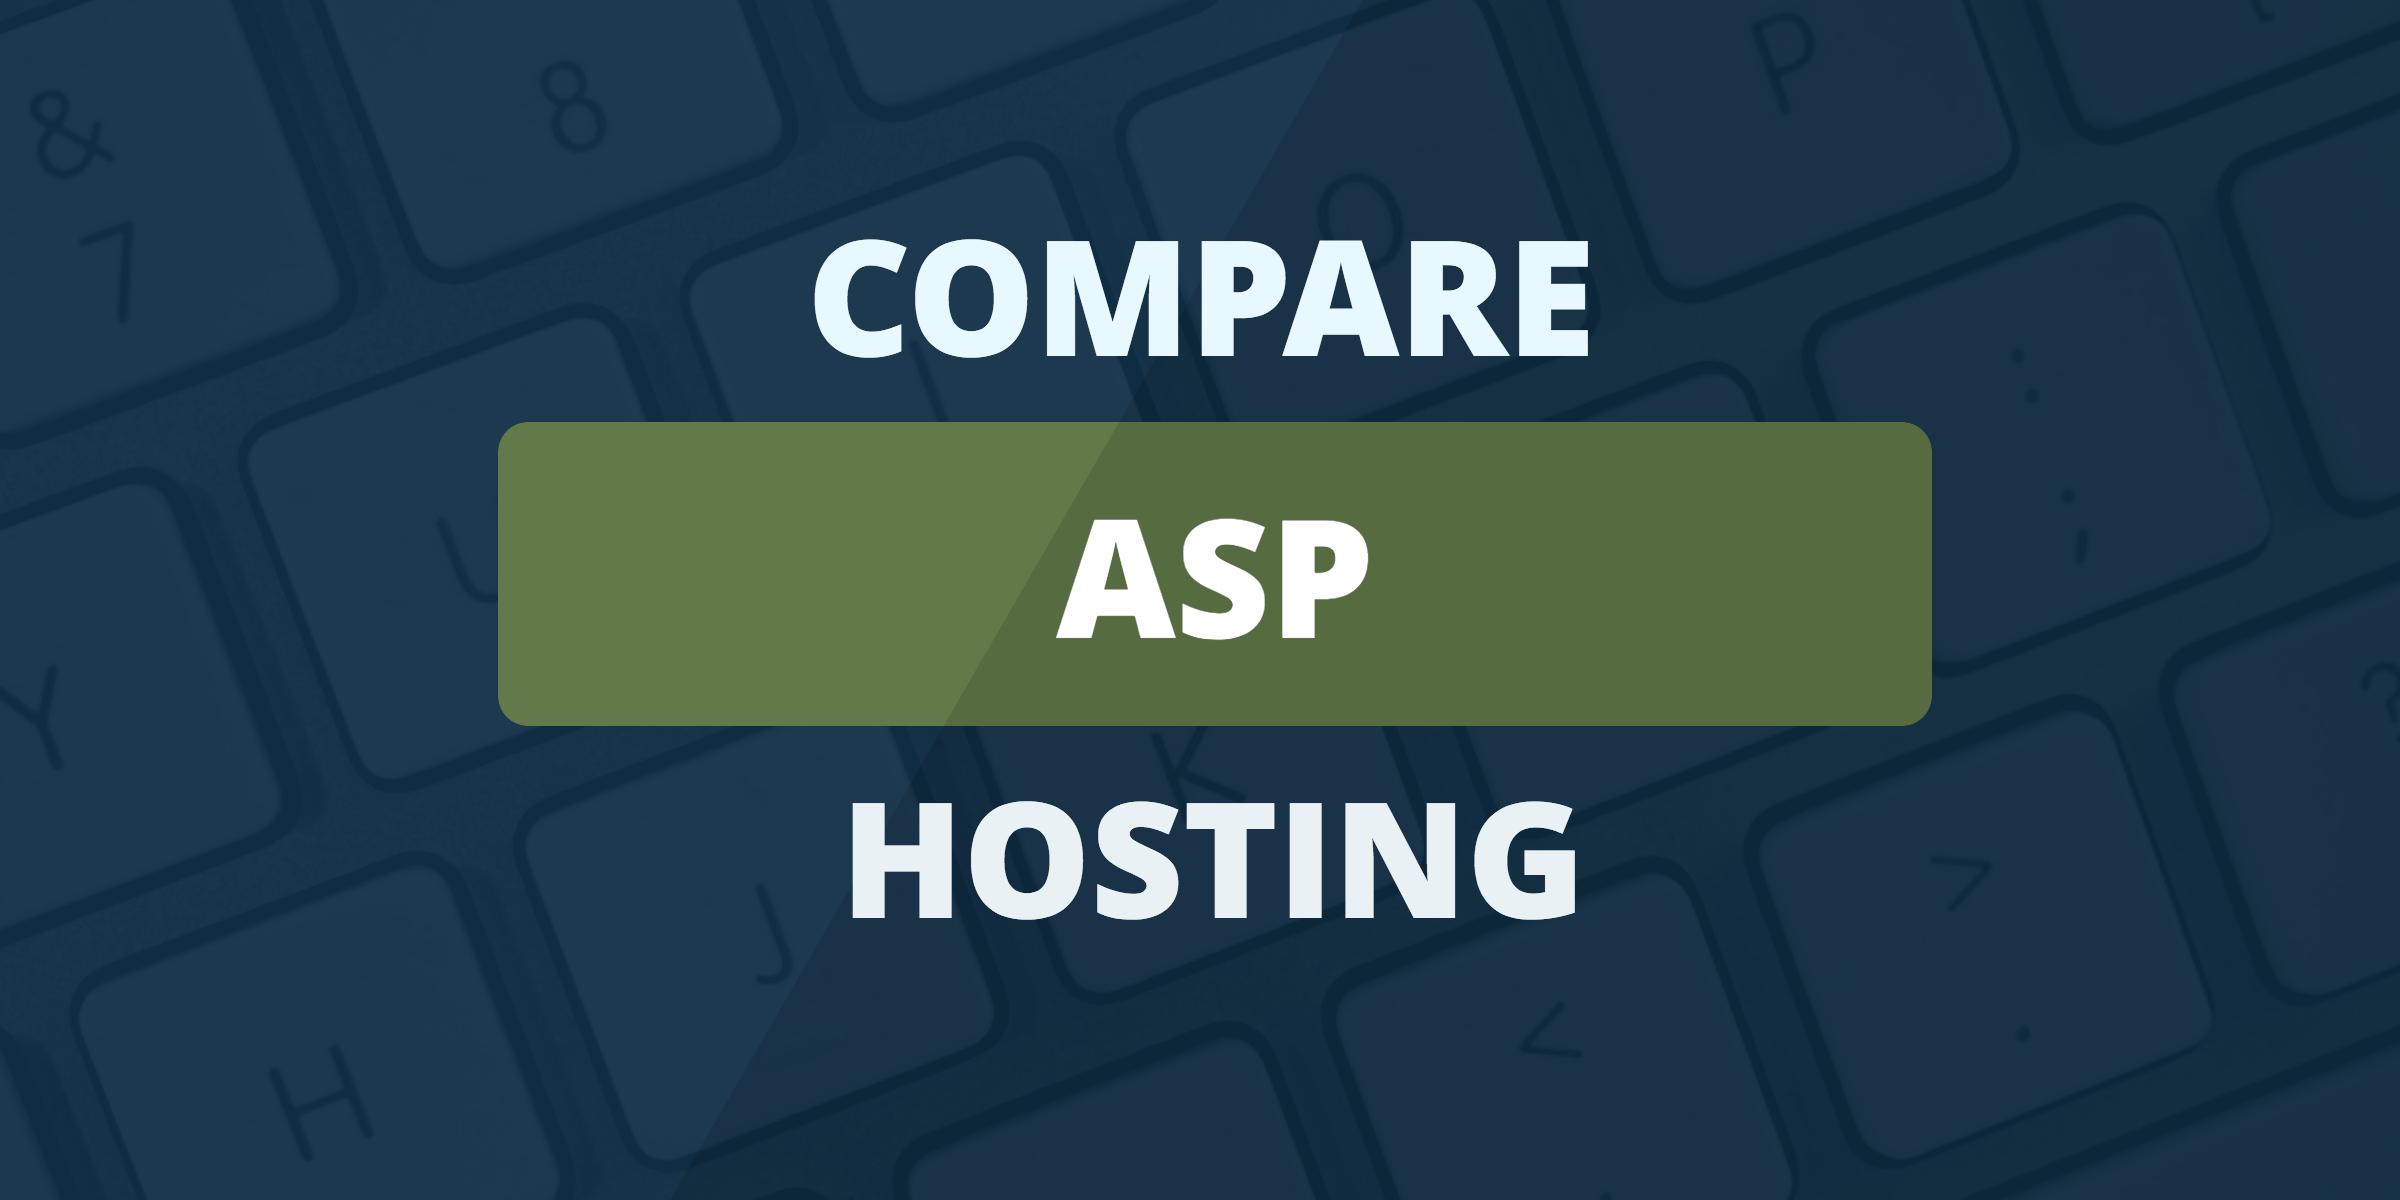 Бесплатный вап хостинг как поставить сервер кс на хостинг